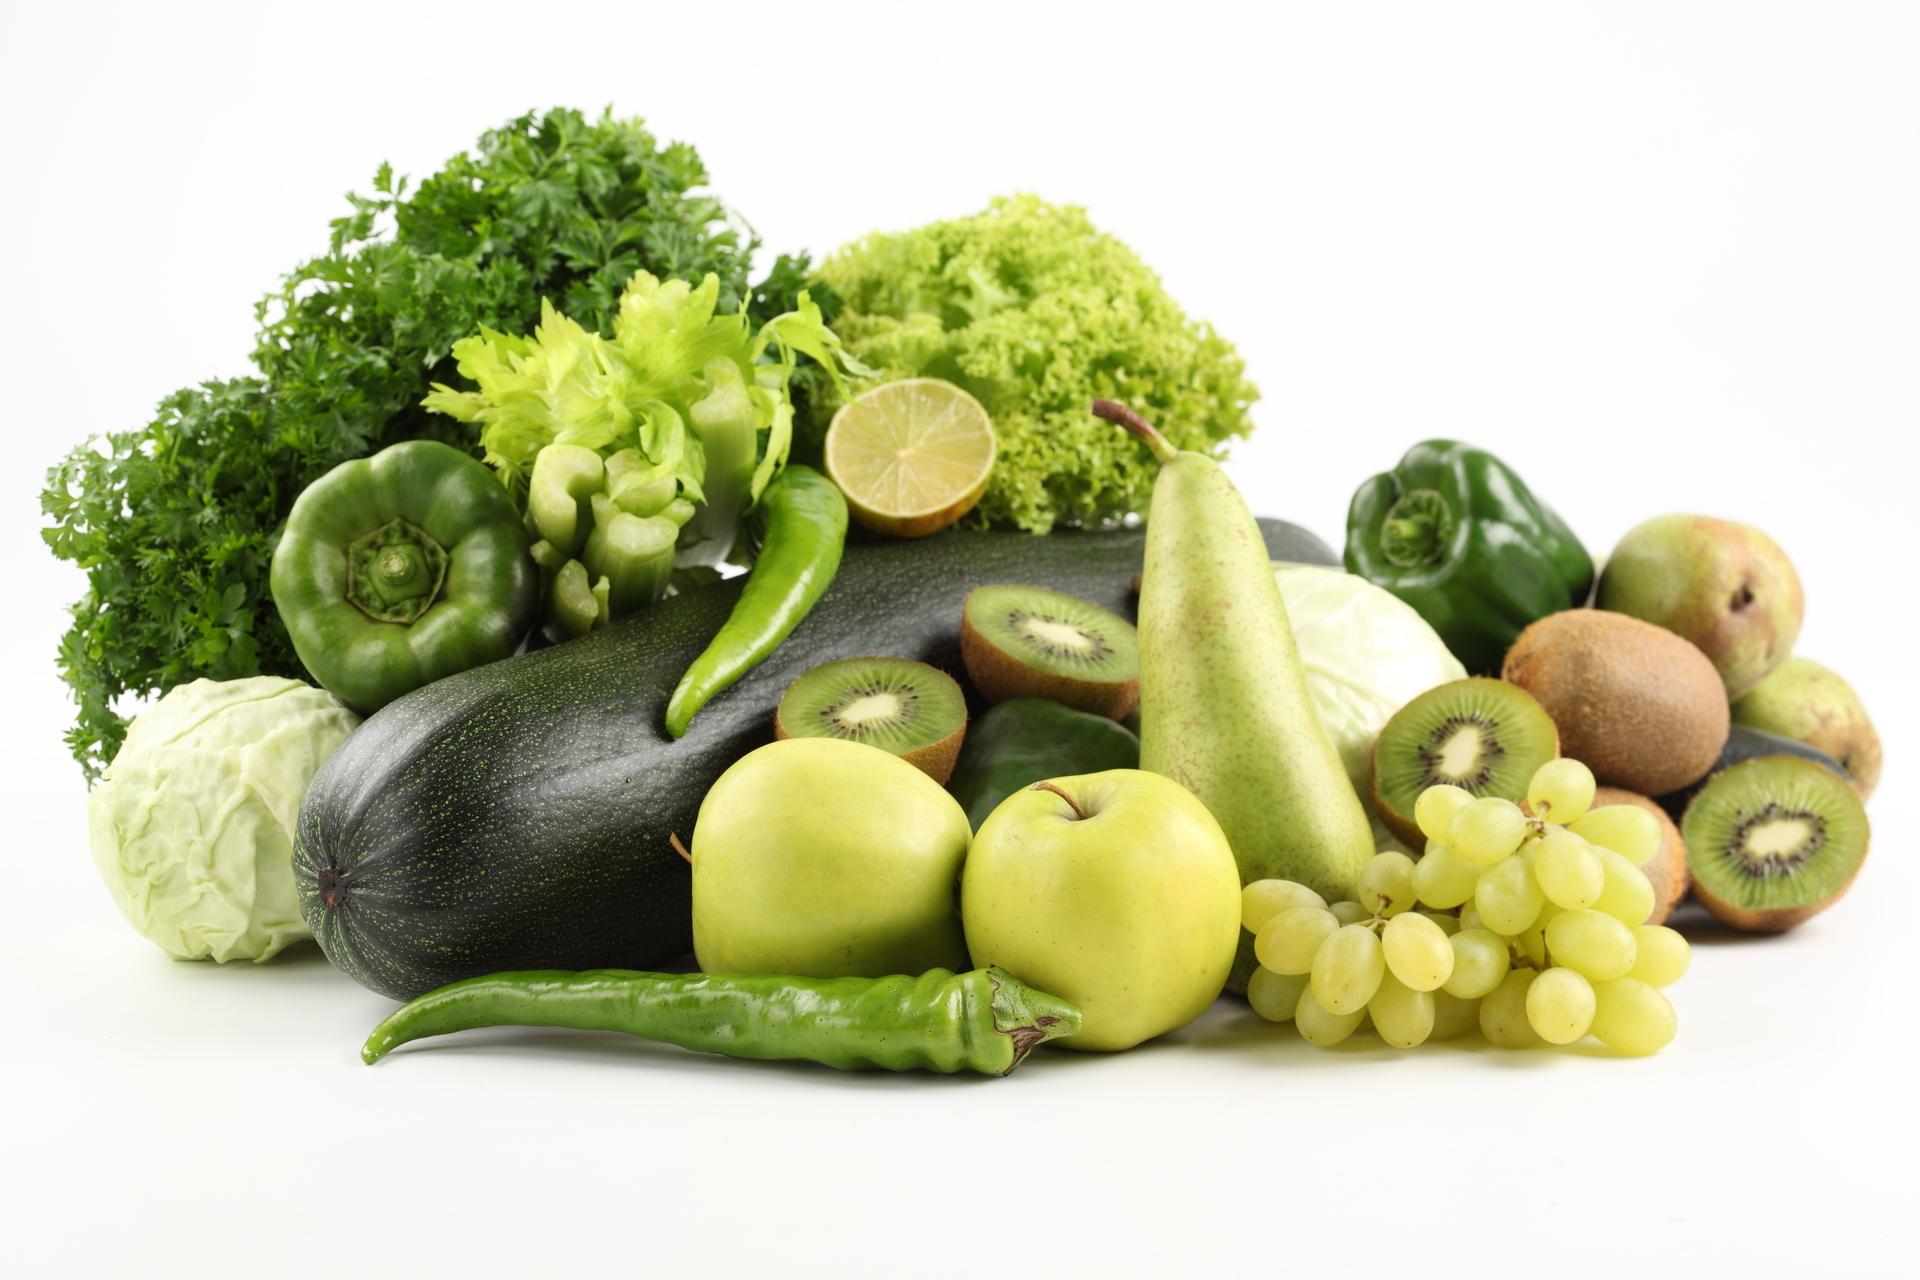 owocewarzywazielone